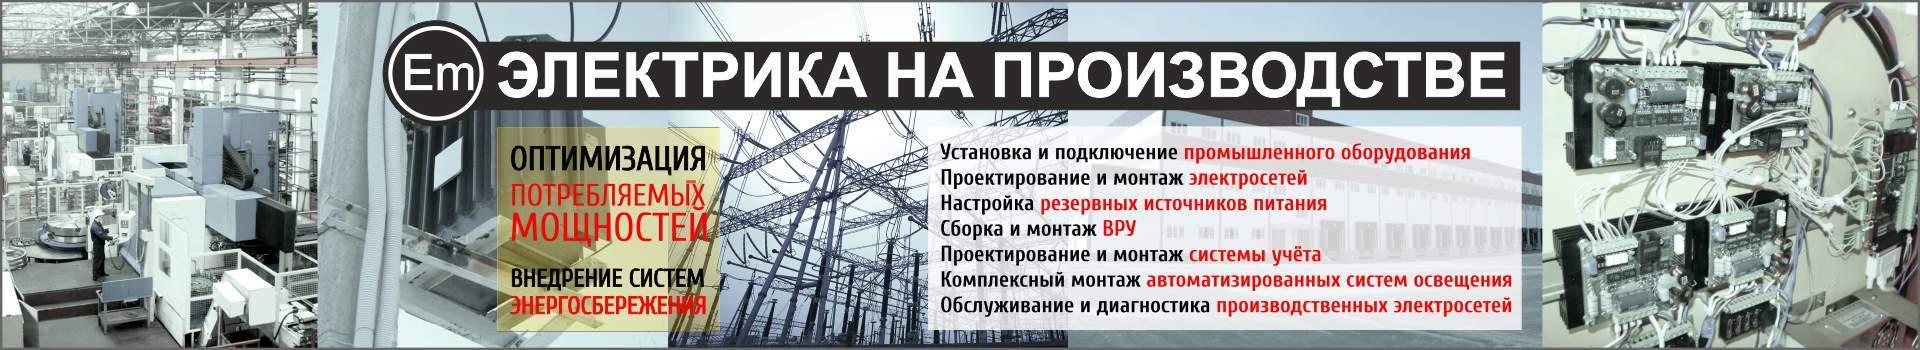 Электрика на Производстве